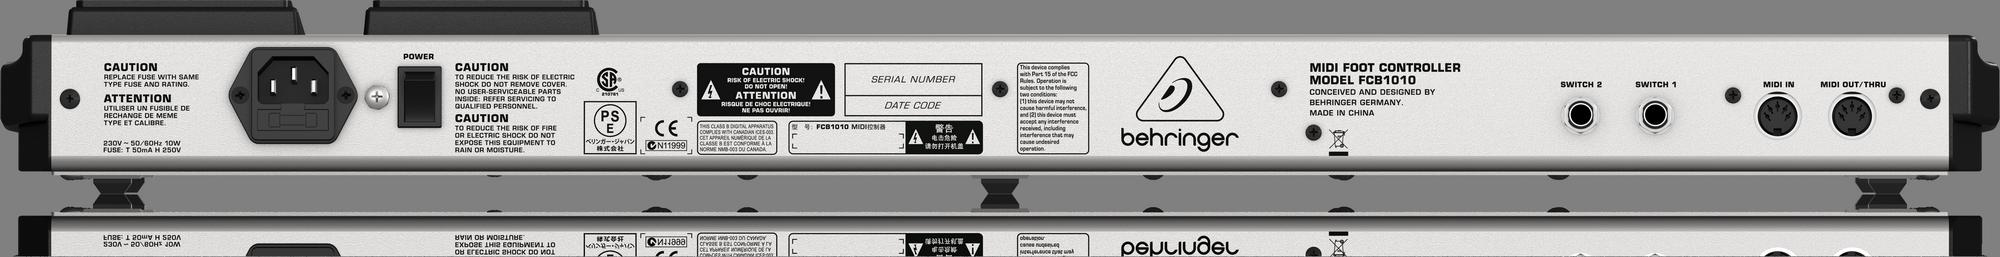 Behringer FCB1010